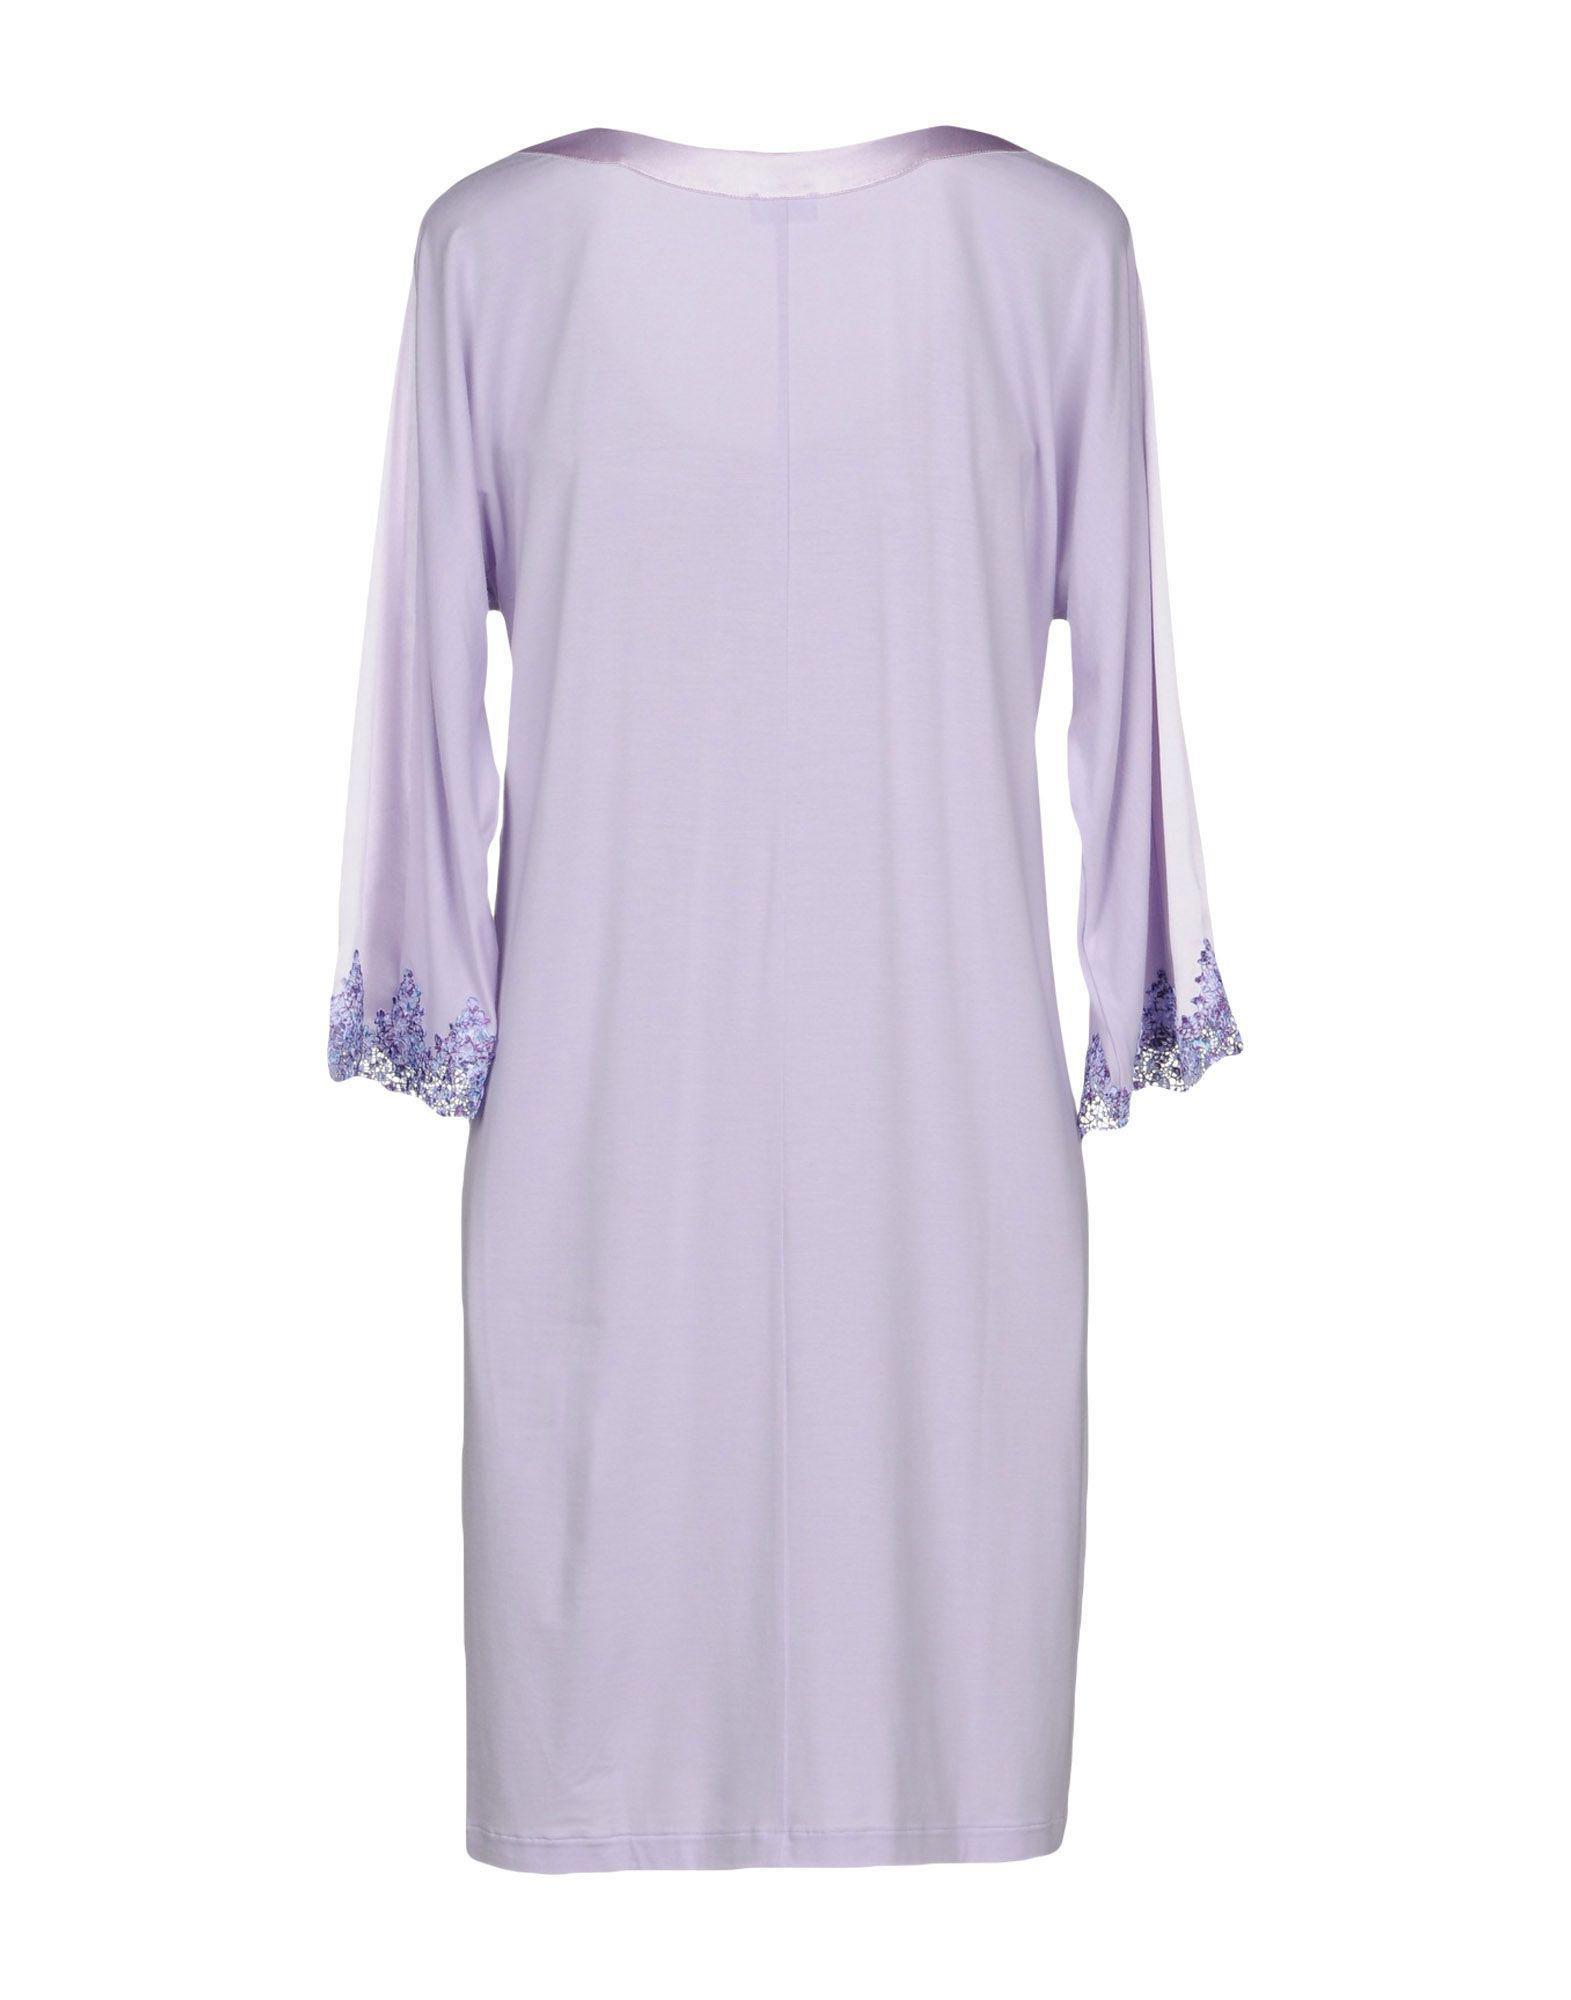 0ed21d18fe La Perla Nightdress in Purple - Lyst